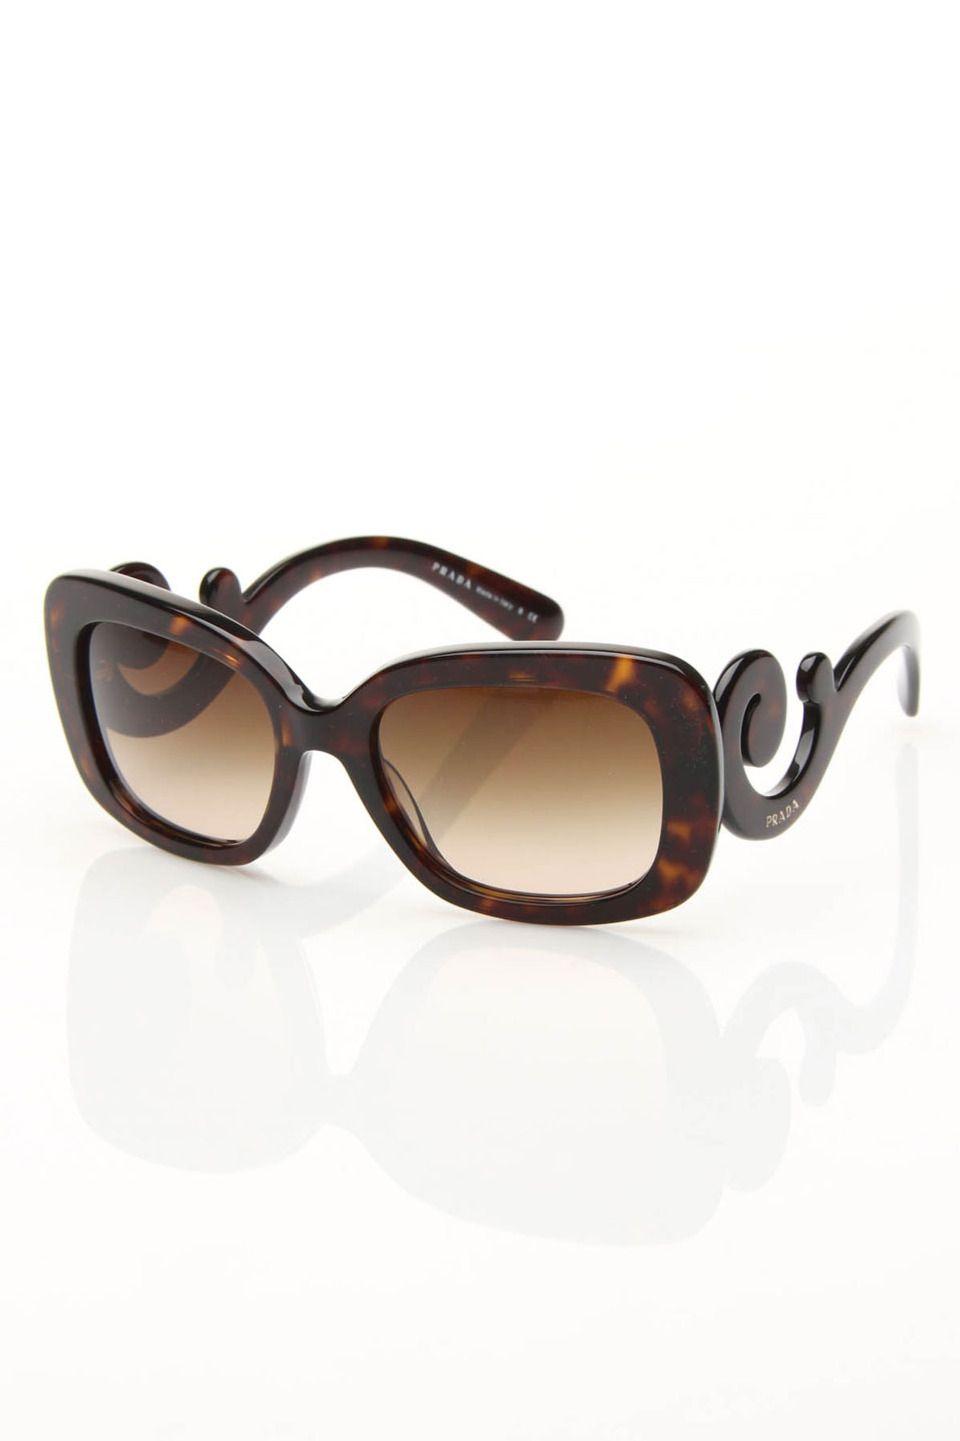 979f1f1da06a Prada Sunglasses In Tortoise.